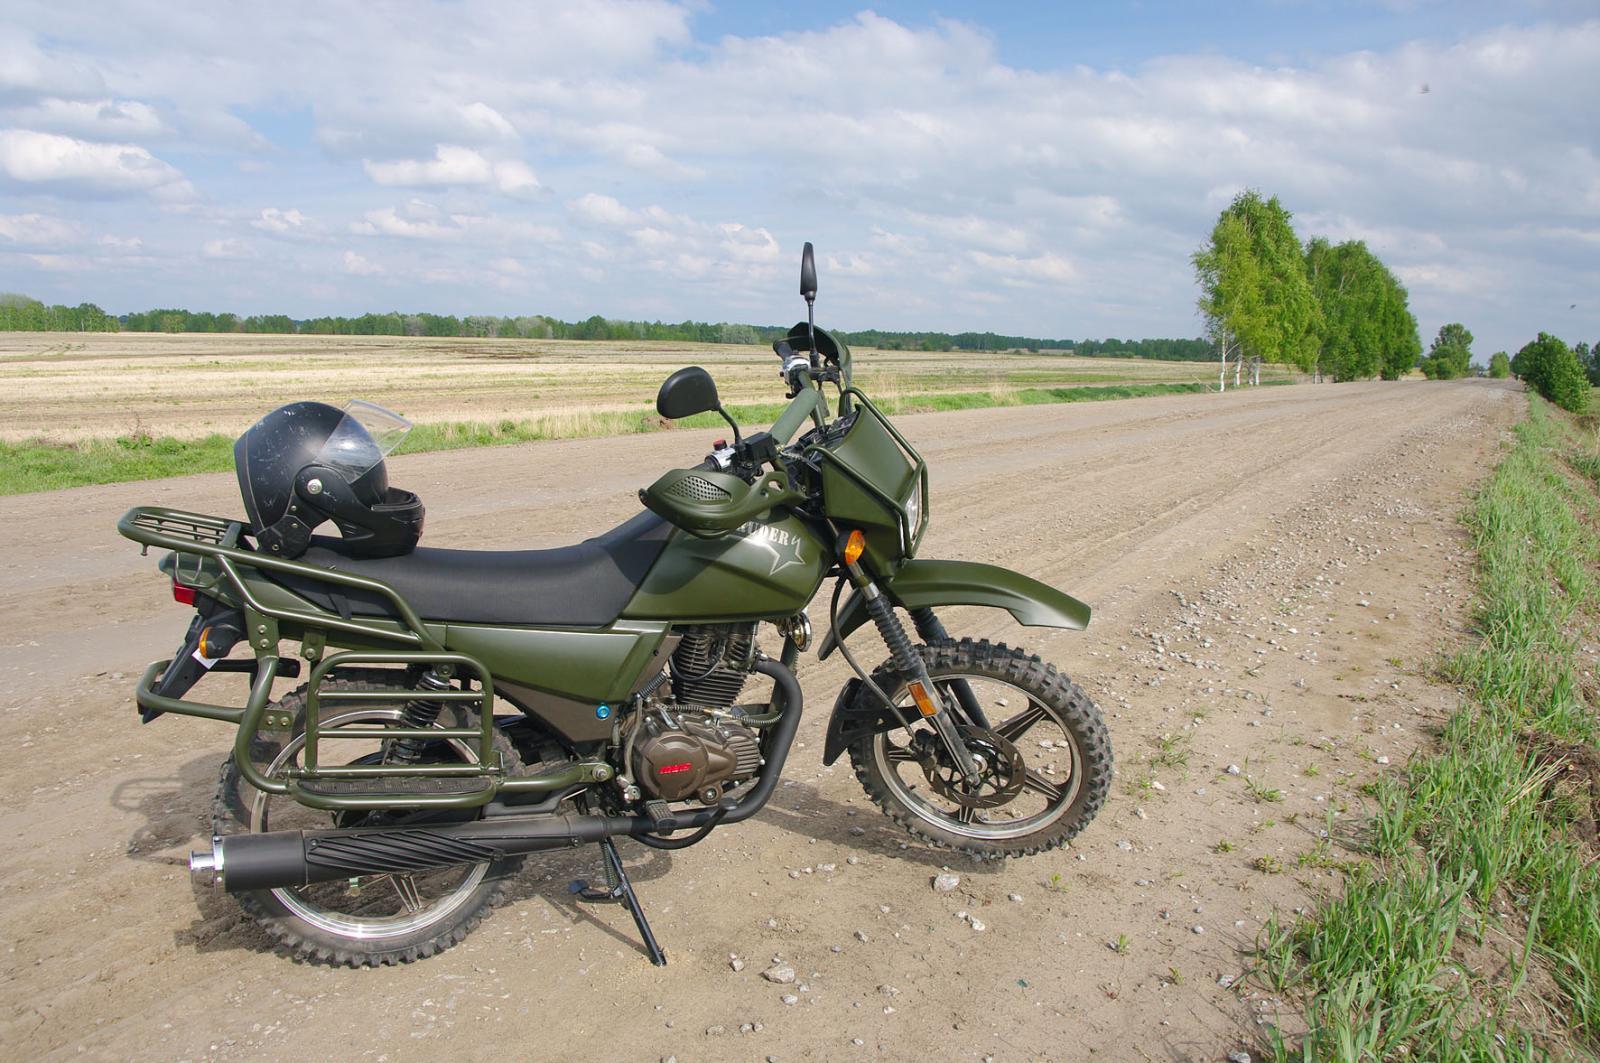 Ирбис Интрудер 200: транспорт по-деревенски